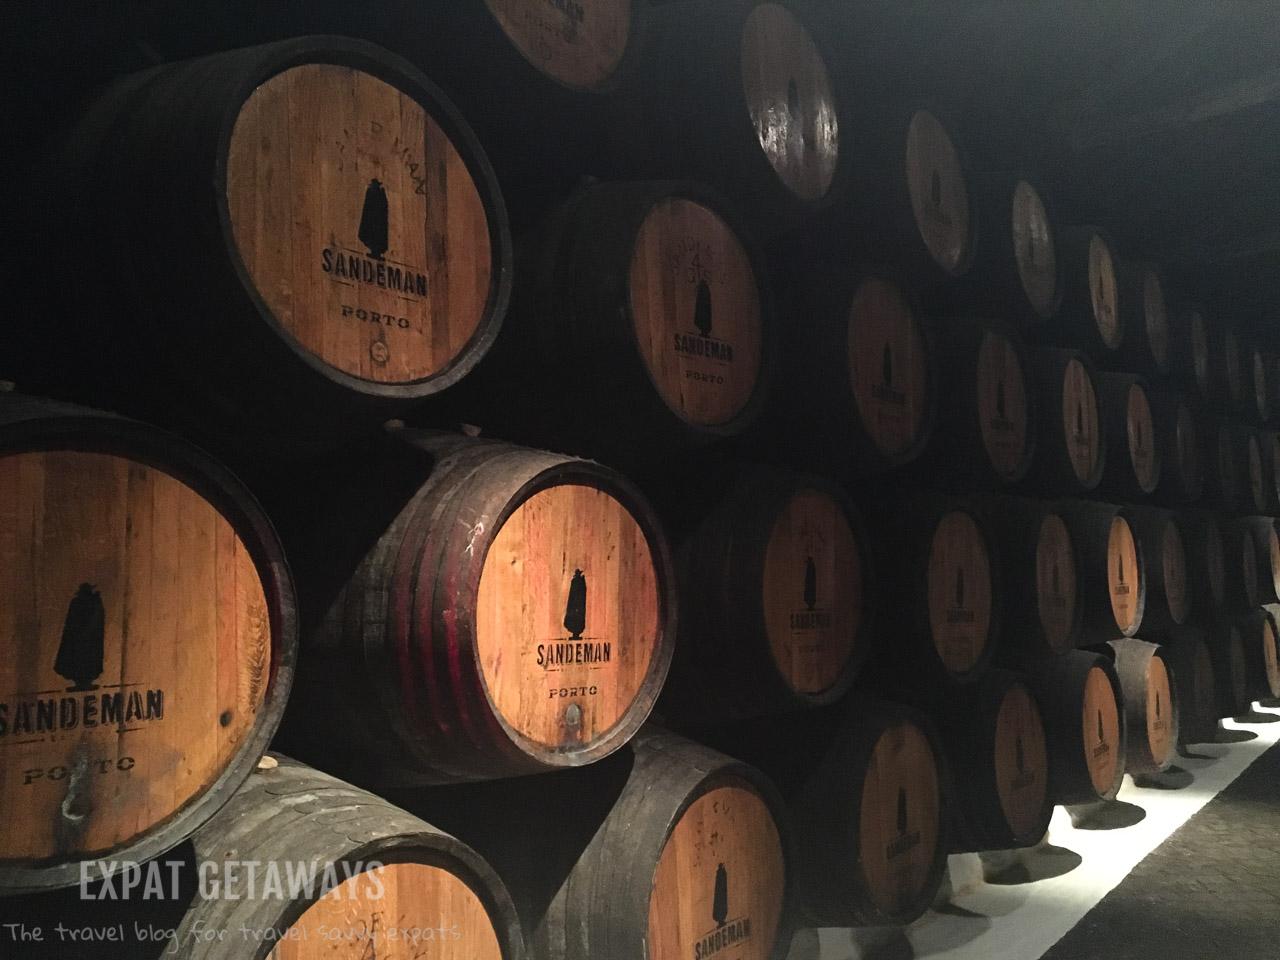 Barrels and barrels of fine port. Who could resist?